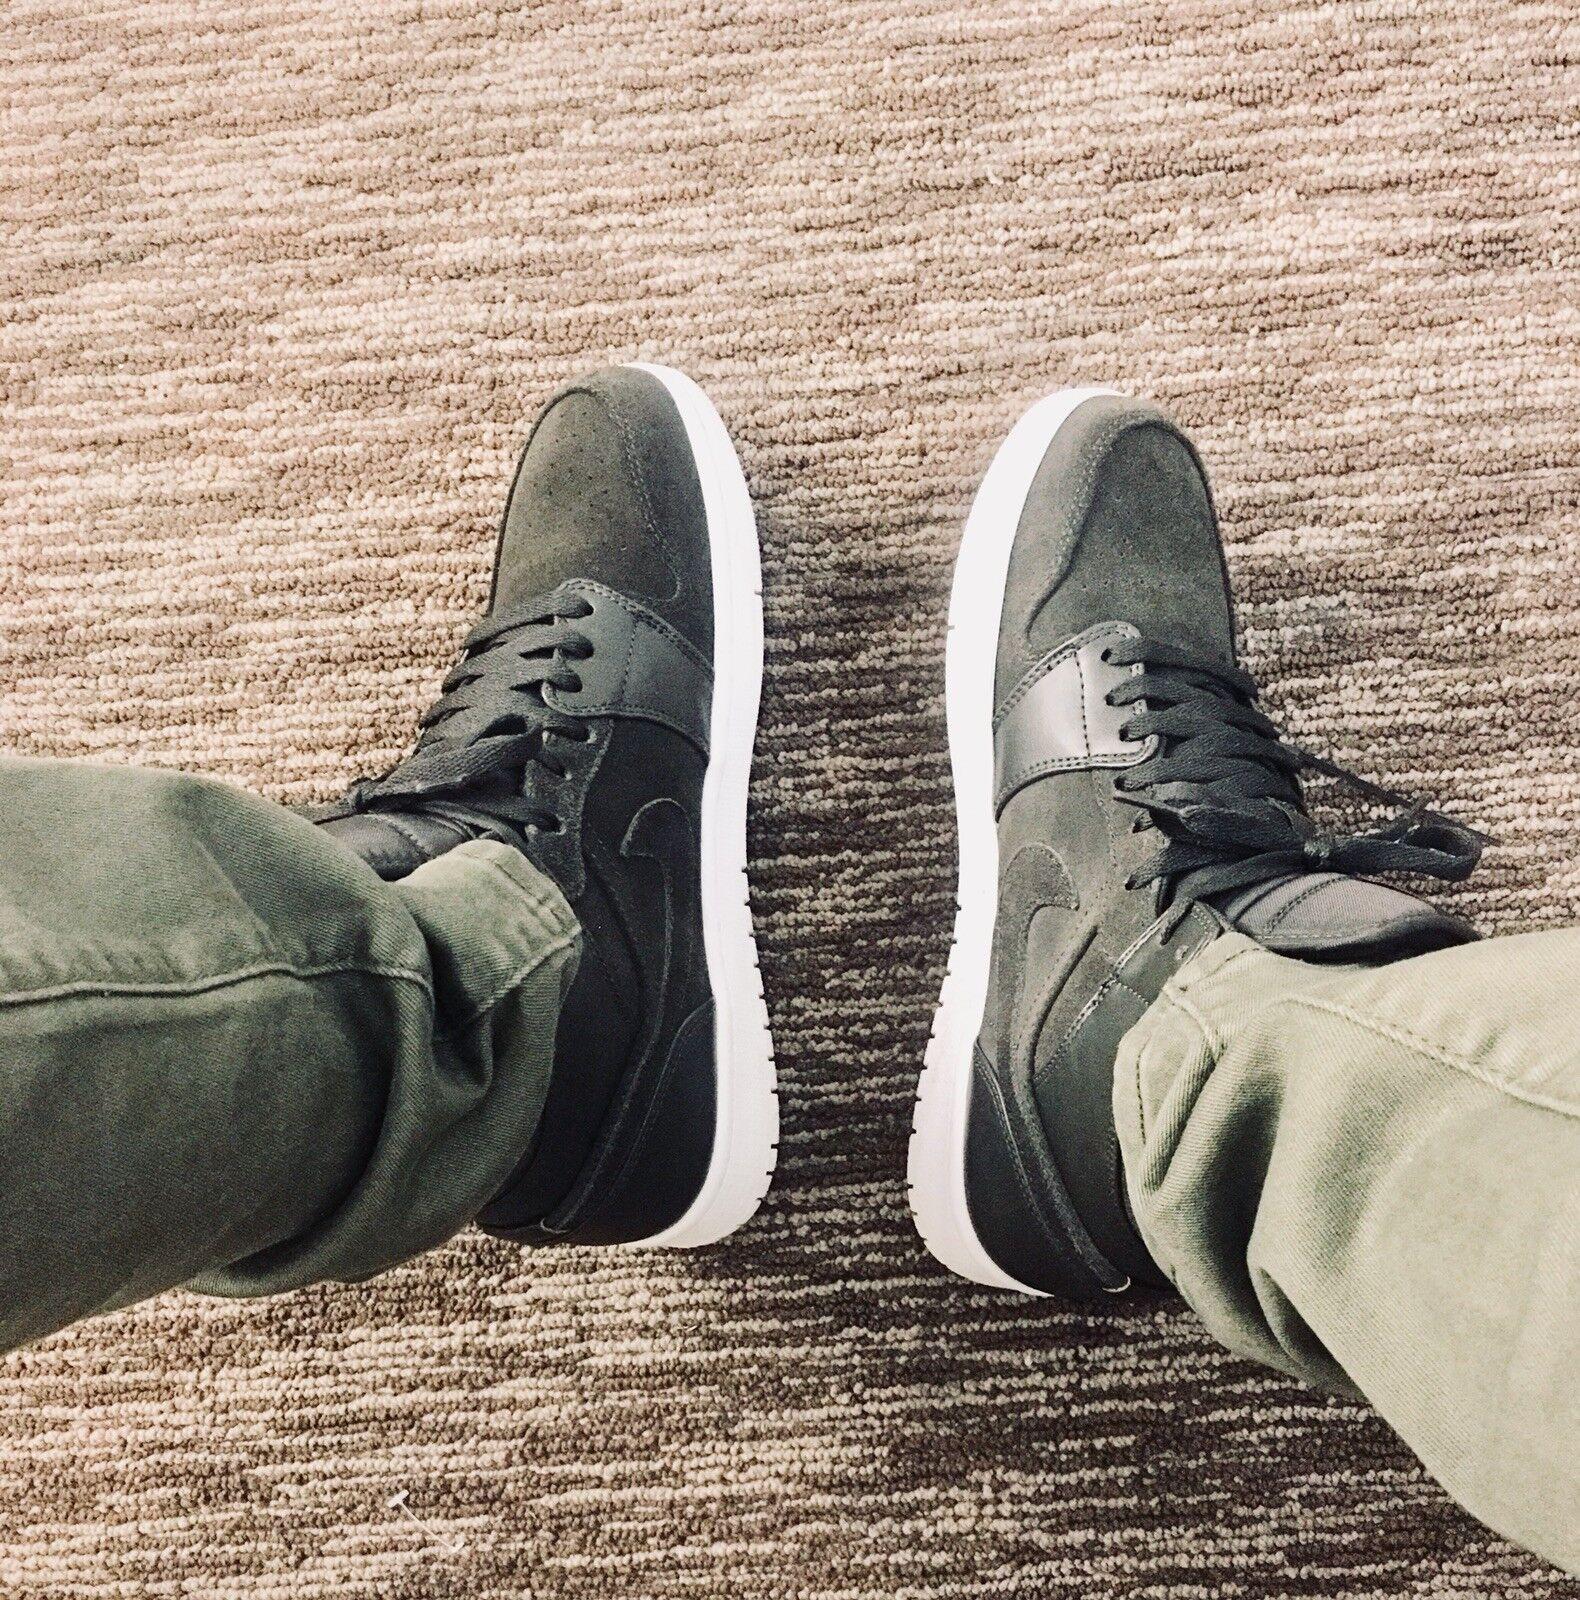 2018 Nike Air Jordan Retro 1 High Clay Green 555088-135 lot New Men's Sz: 10